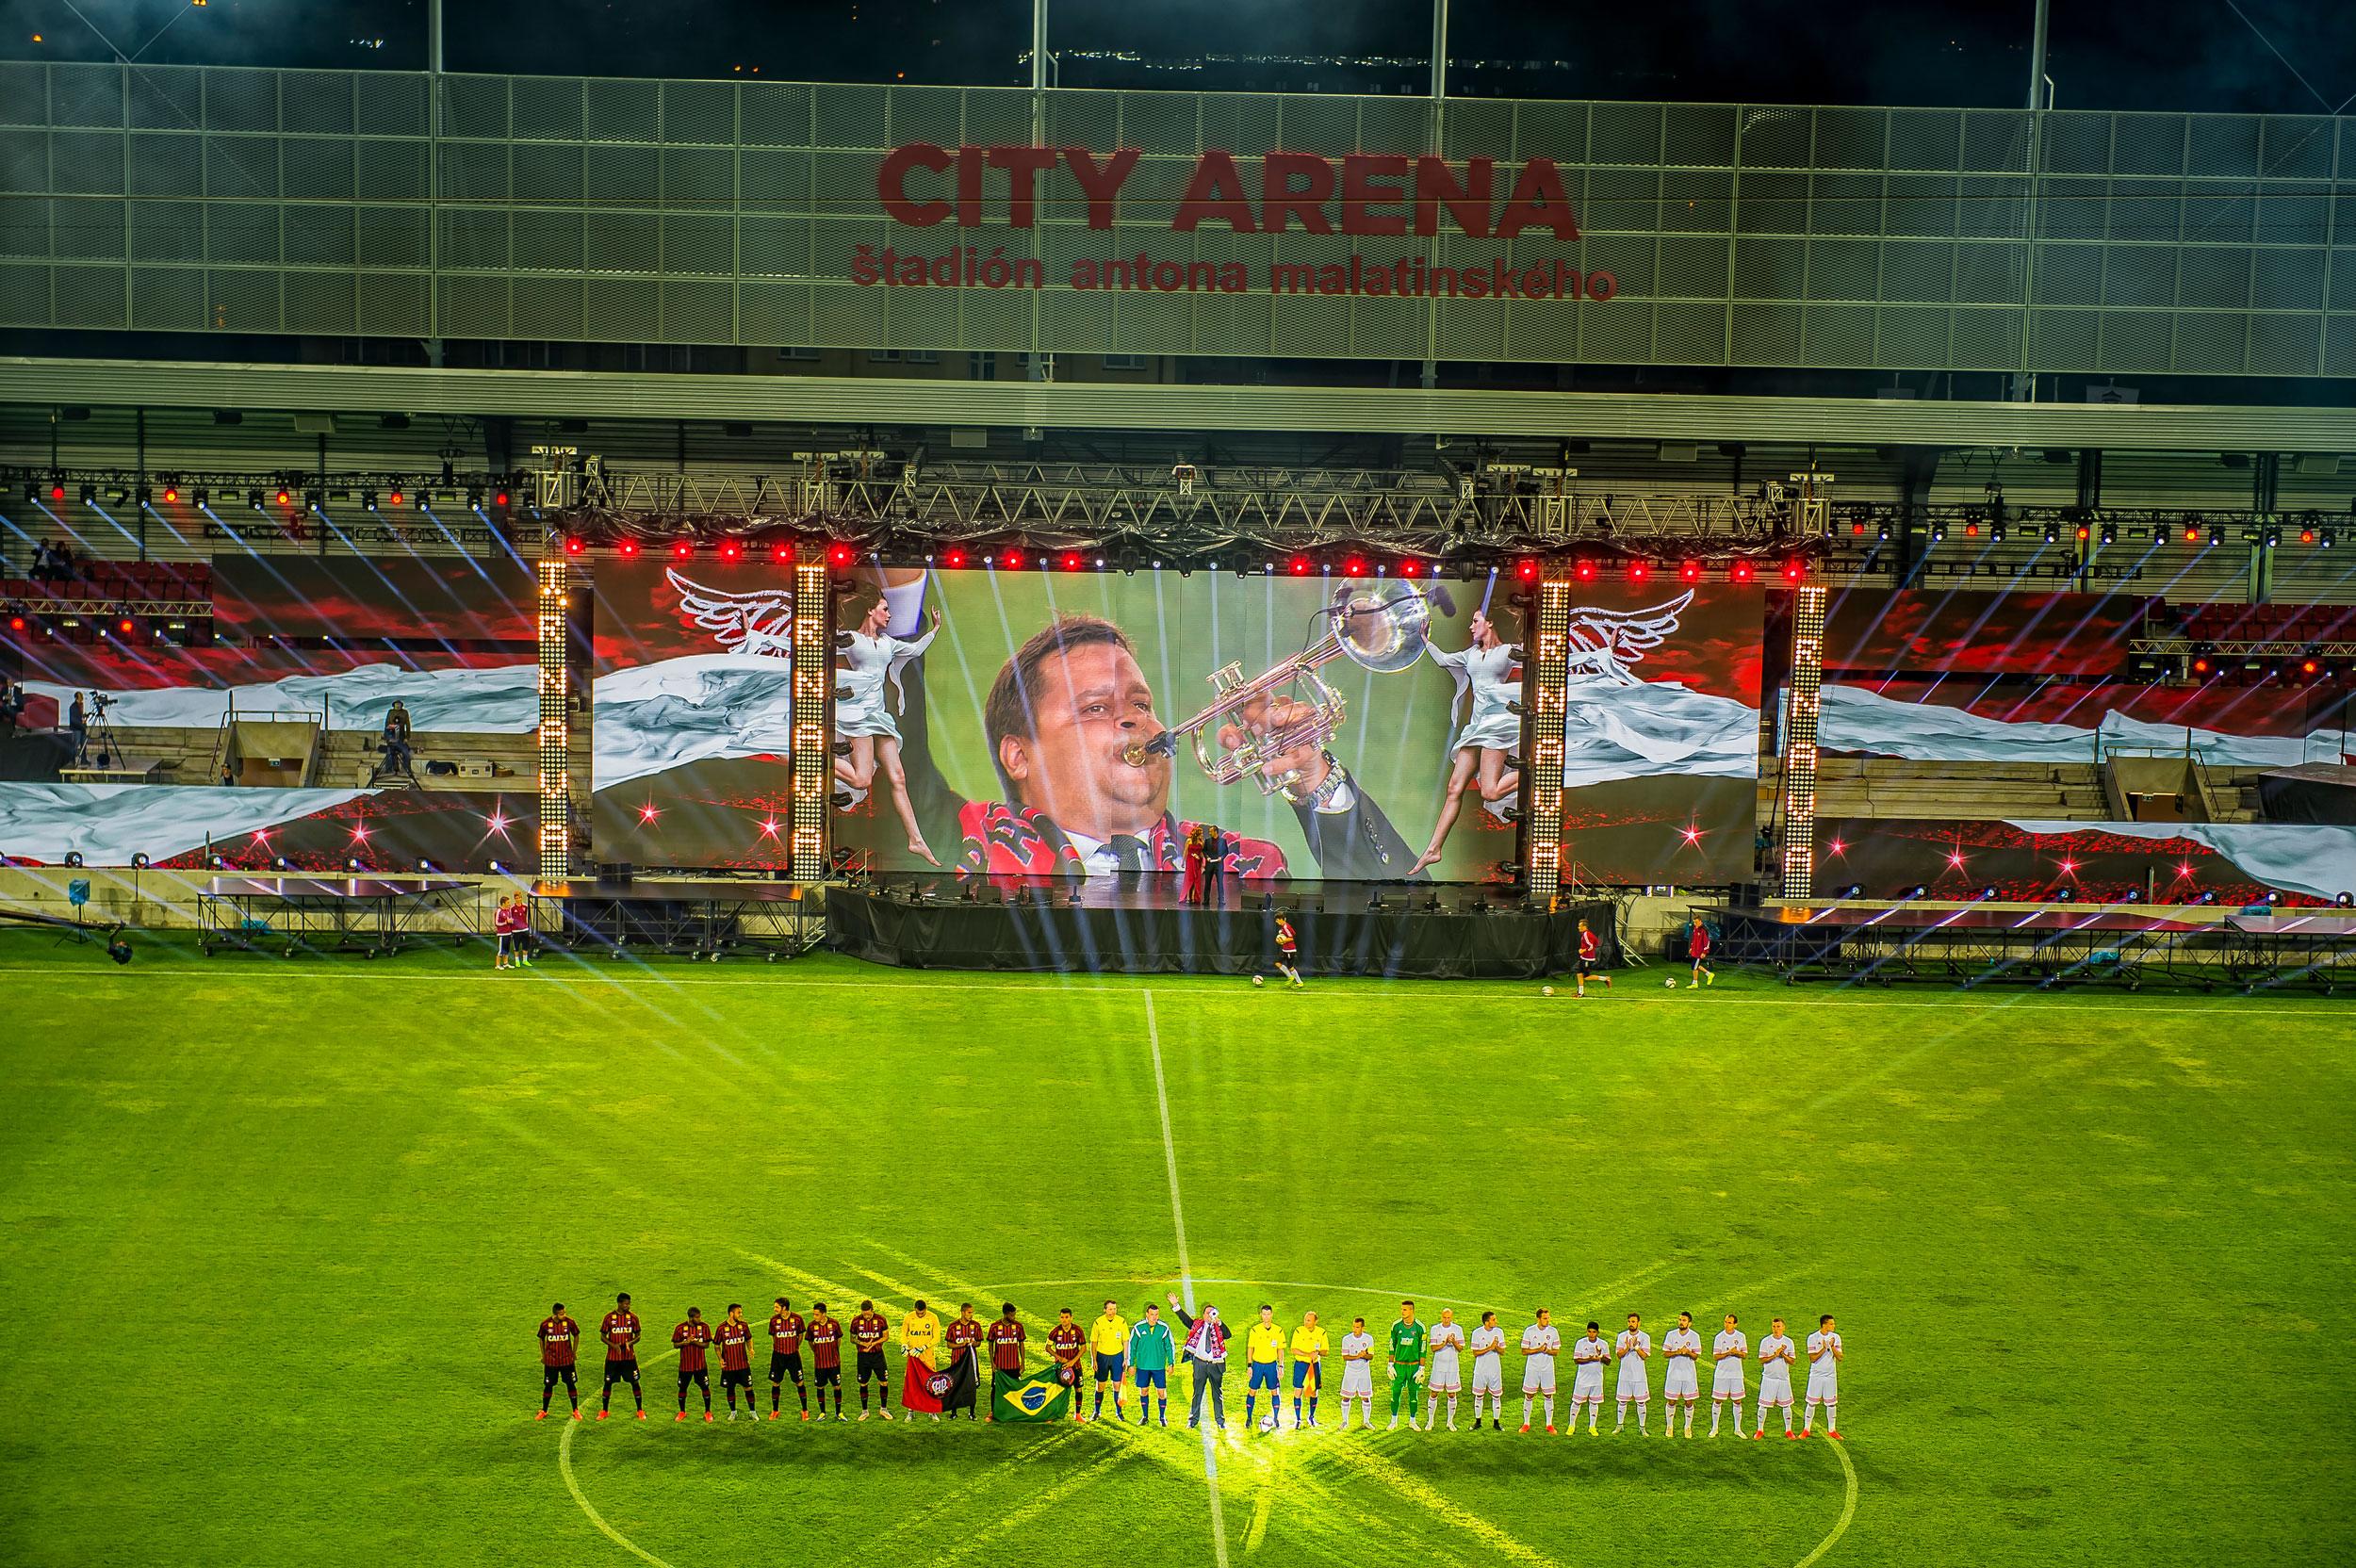 city arena